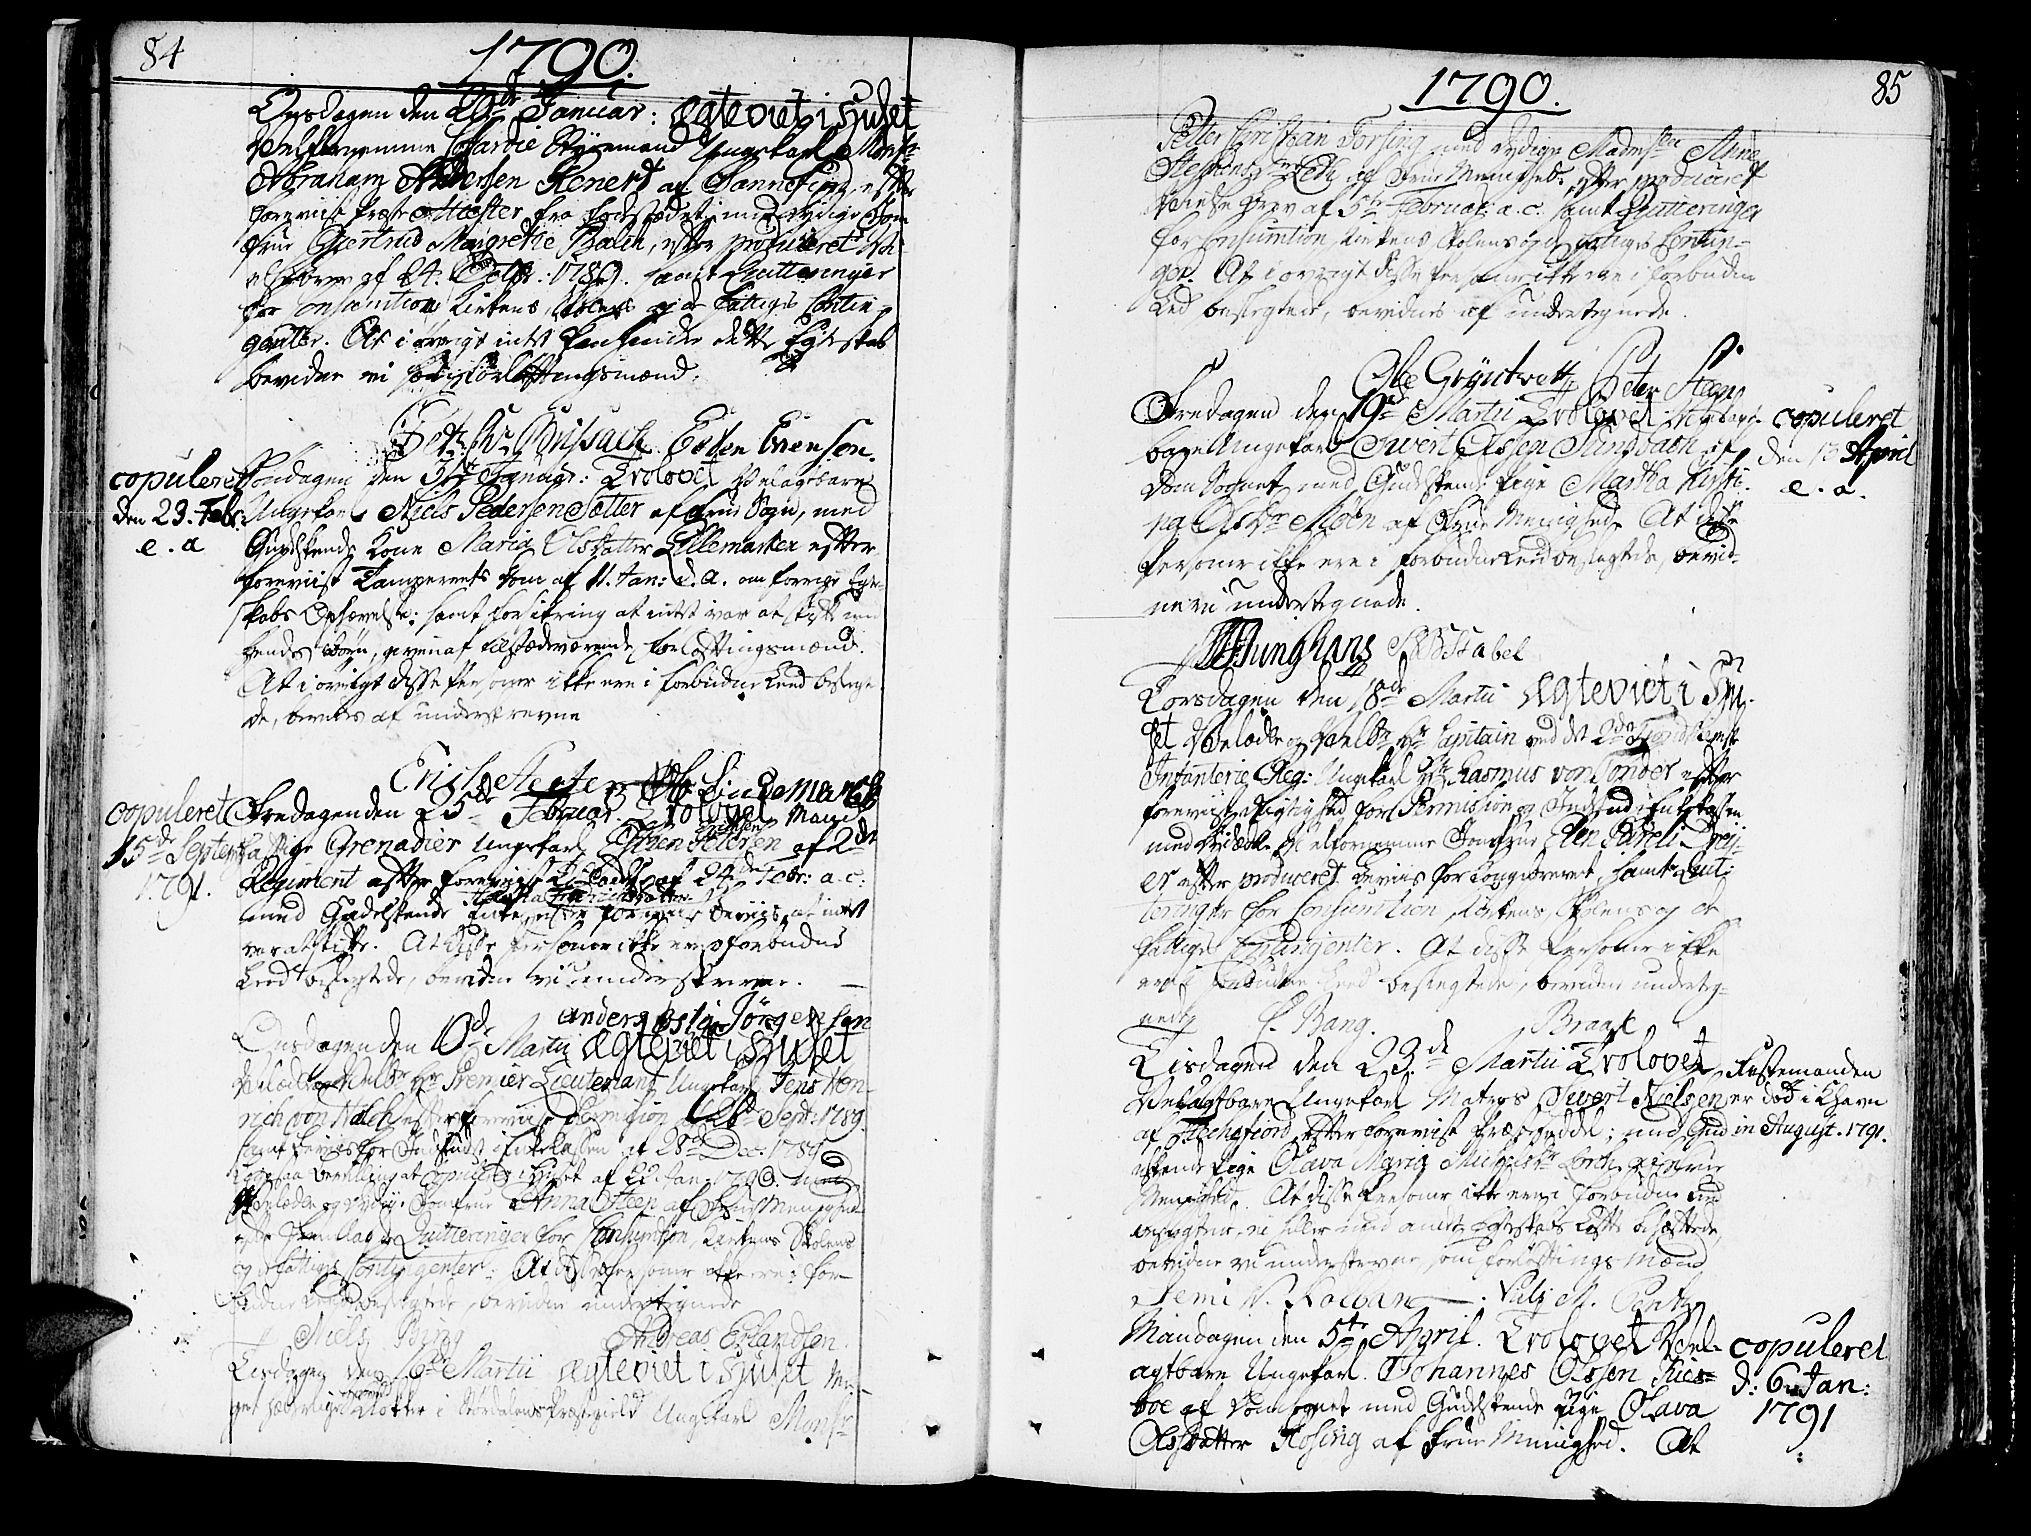 SAT, Ministerialprotokoller, klokkerbøker og fødselsregistre - Sør-Trøndelag, 602/L0105: Ministerialbok nr. 602A03, 1774-1814, s. 84-85